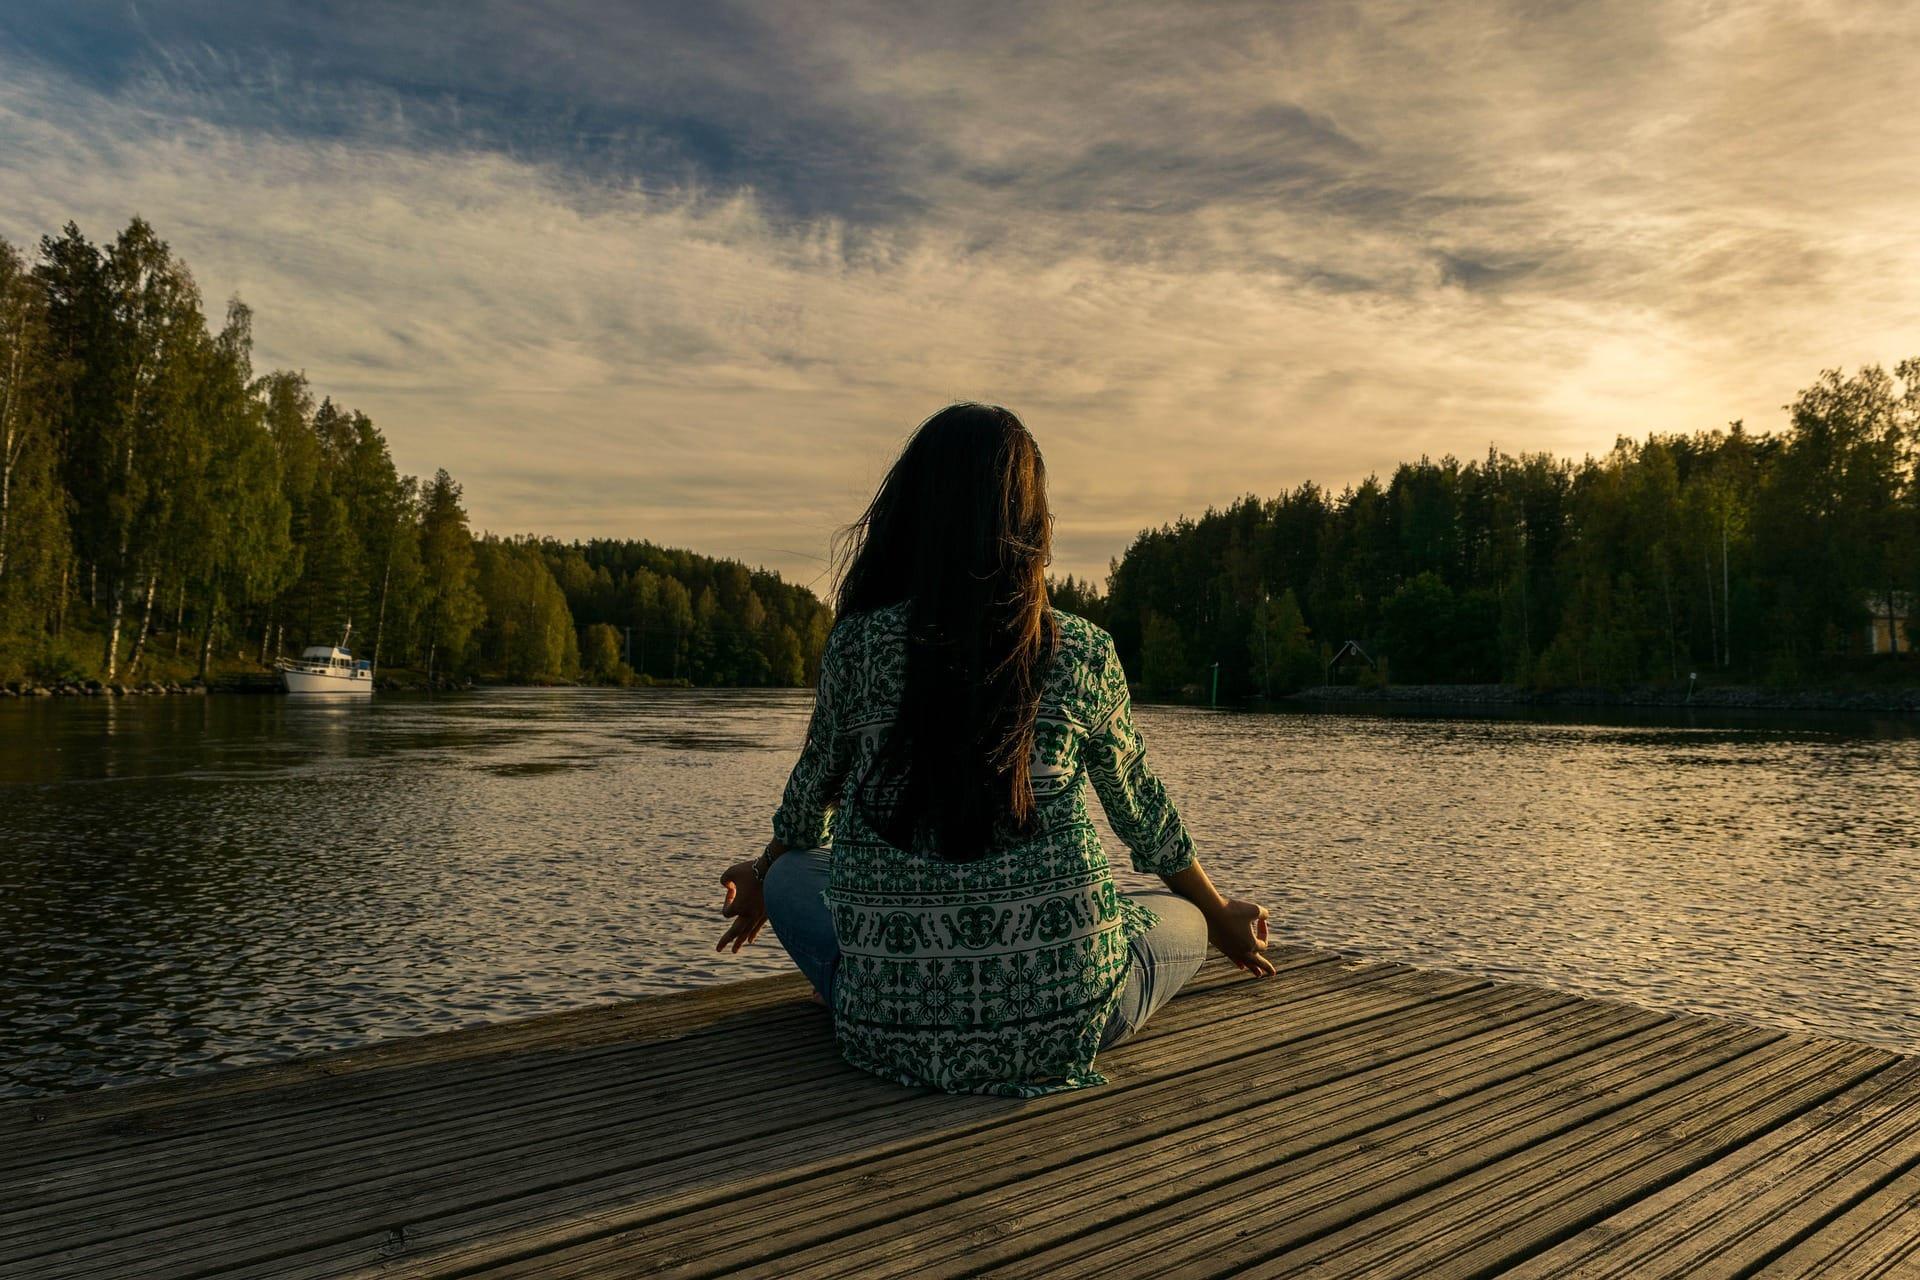 Einführung in die Kontemplation_Meditation_Frau_Meer_Sonnenuntergang_yoga-2176668